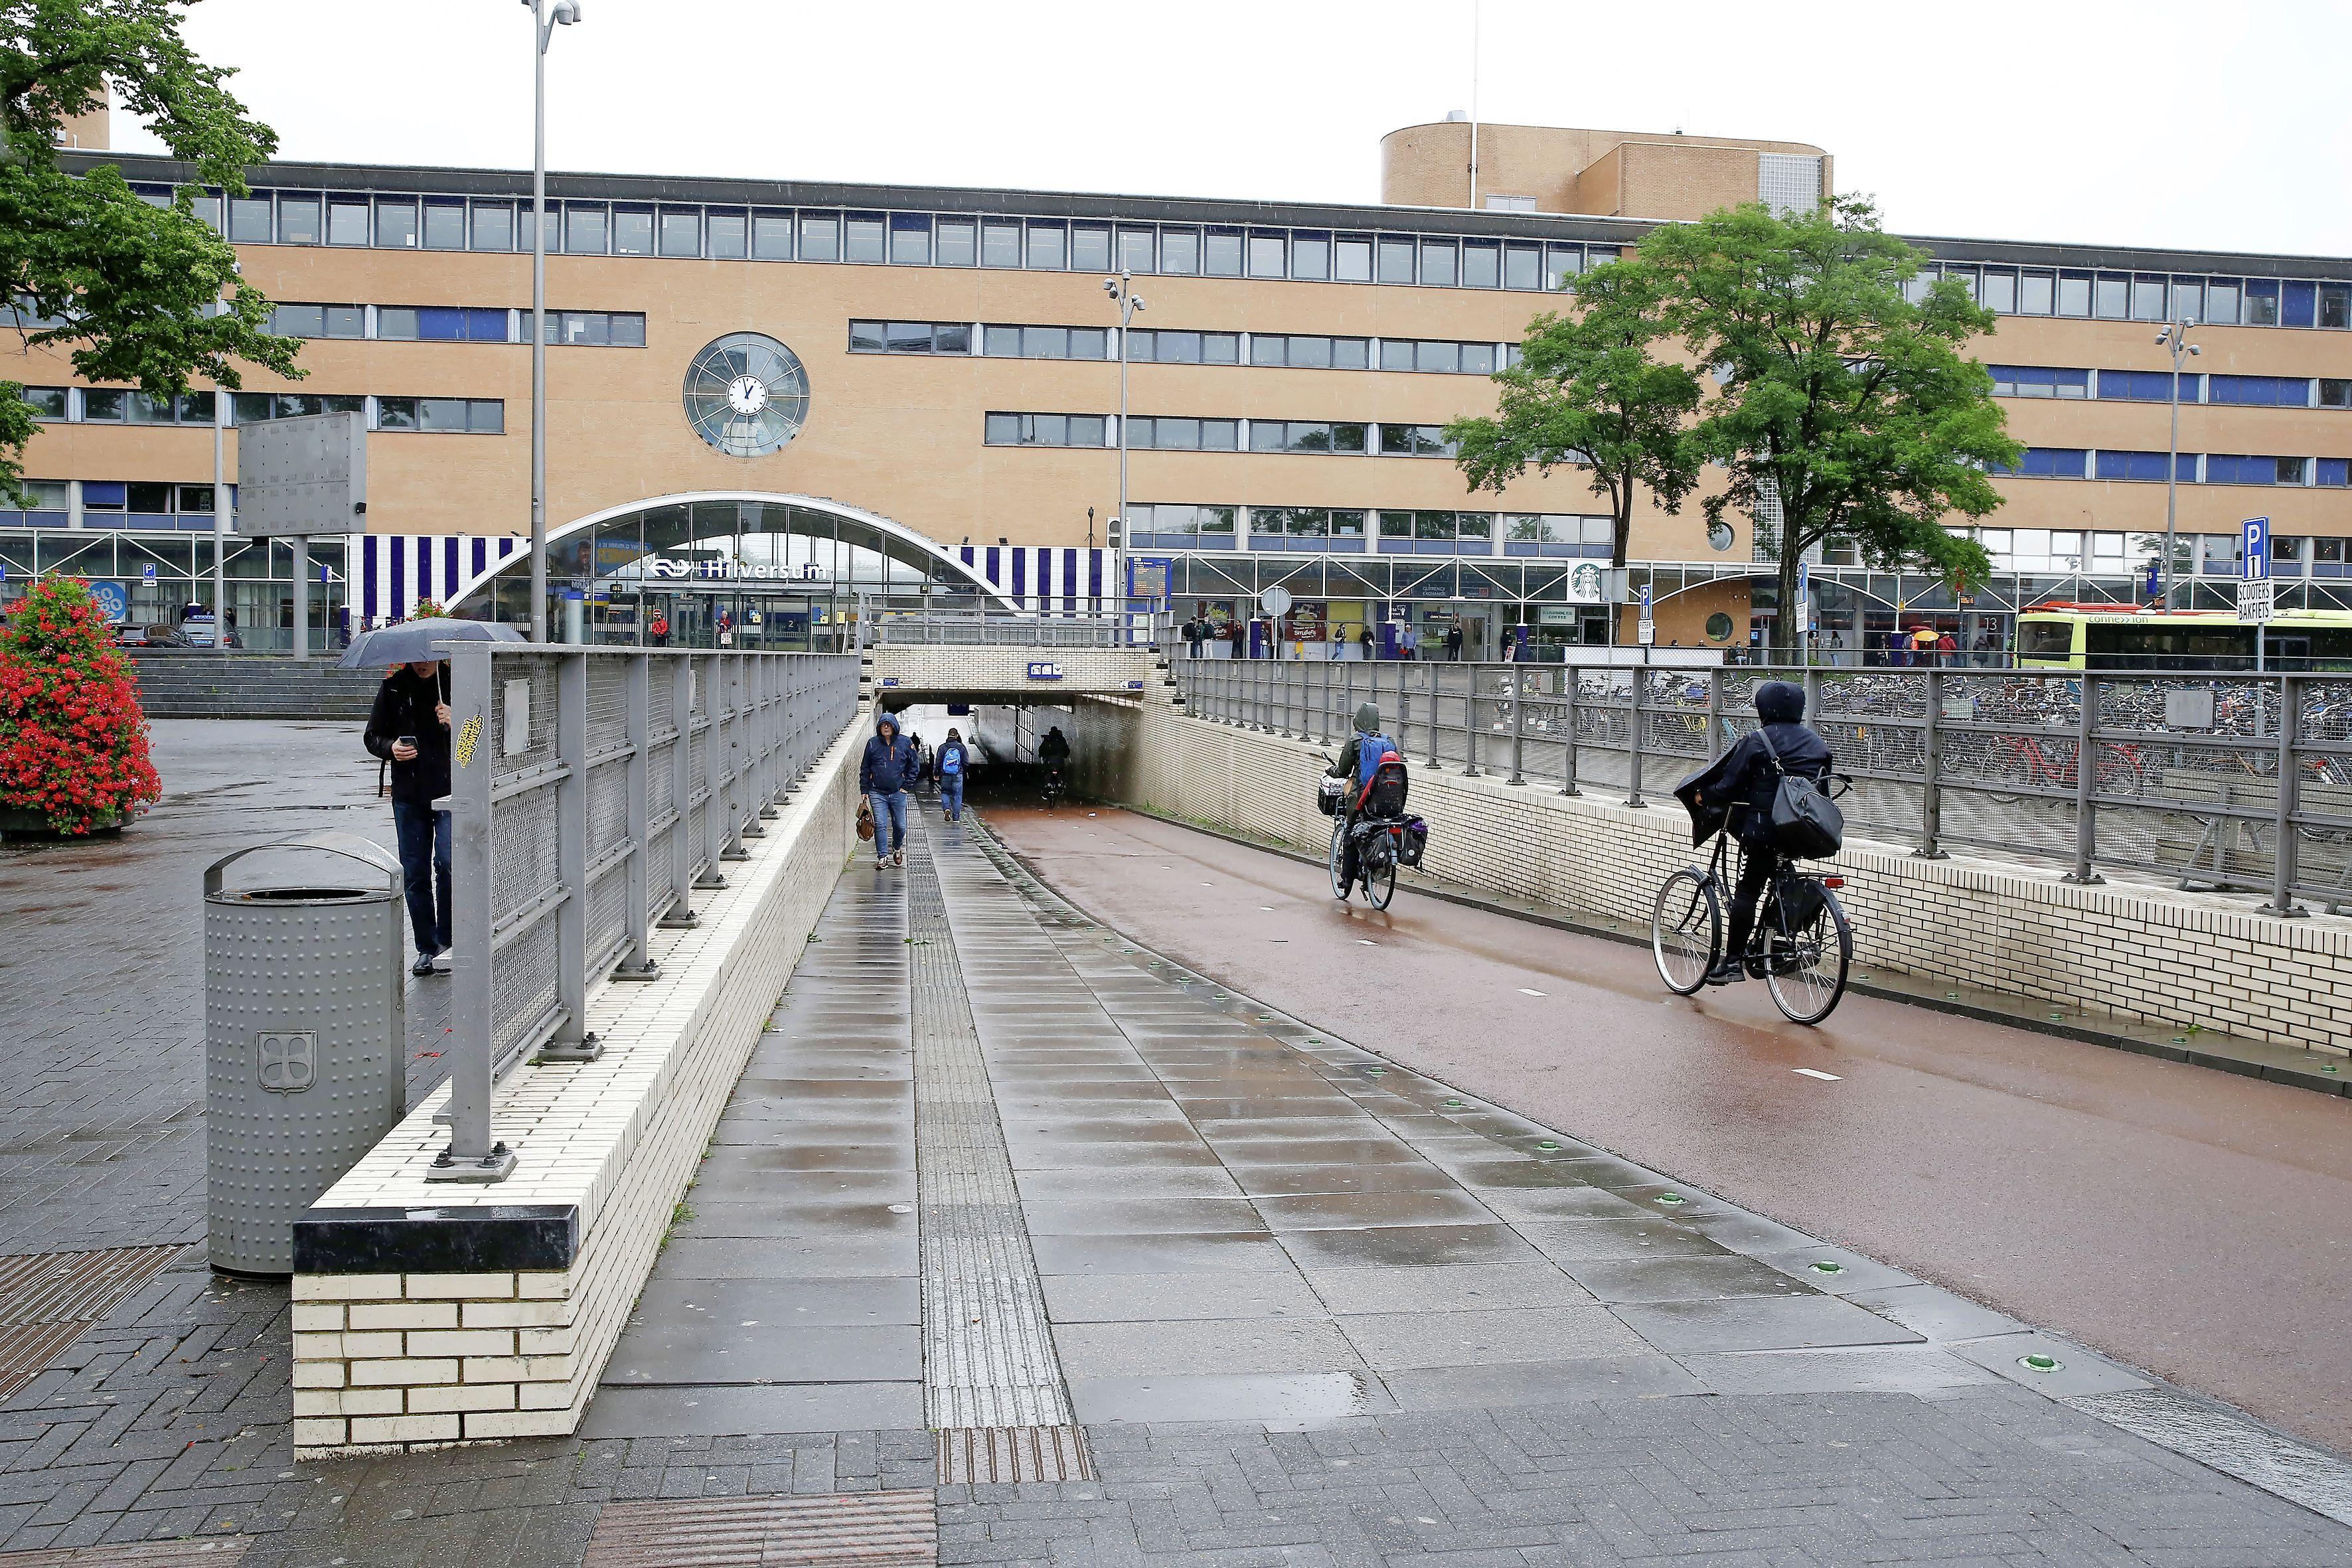 Fietstunnel onder Station Hilversum pas na de vakantie dicht, vertraging doordat grond vervuild blijkt te zijn